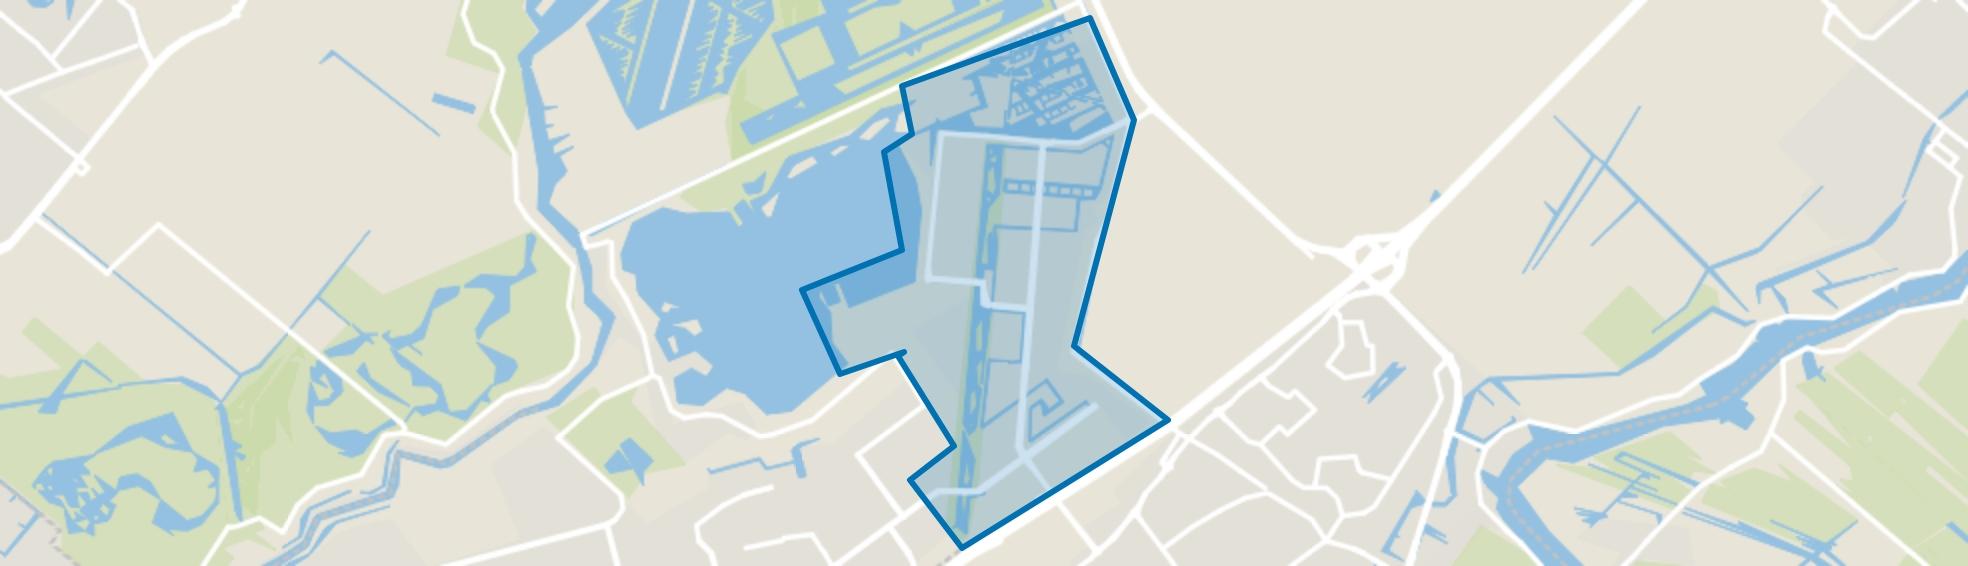 Nesselande, Rotterdam map